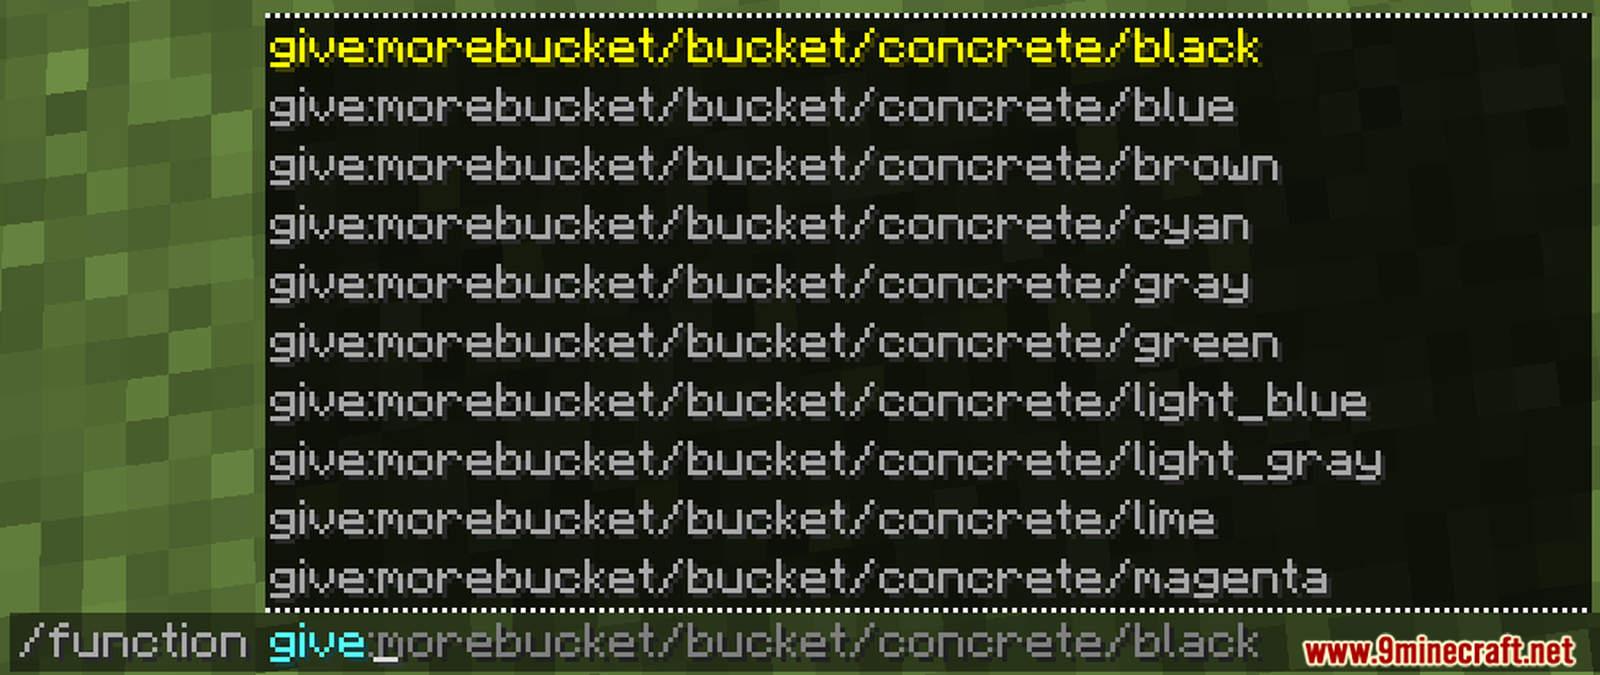 More Buckets Data Pack Screenshots (1)